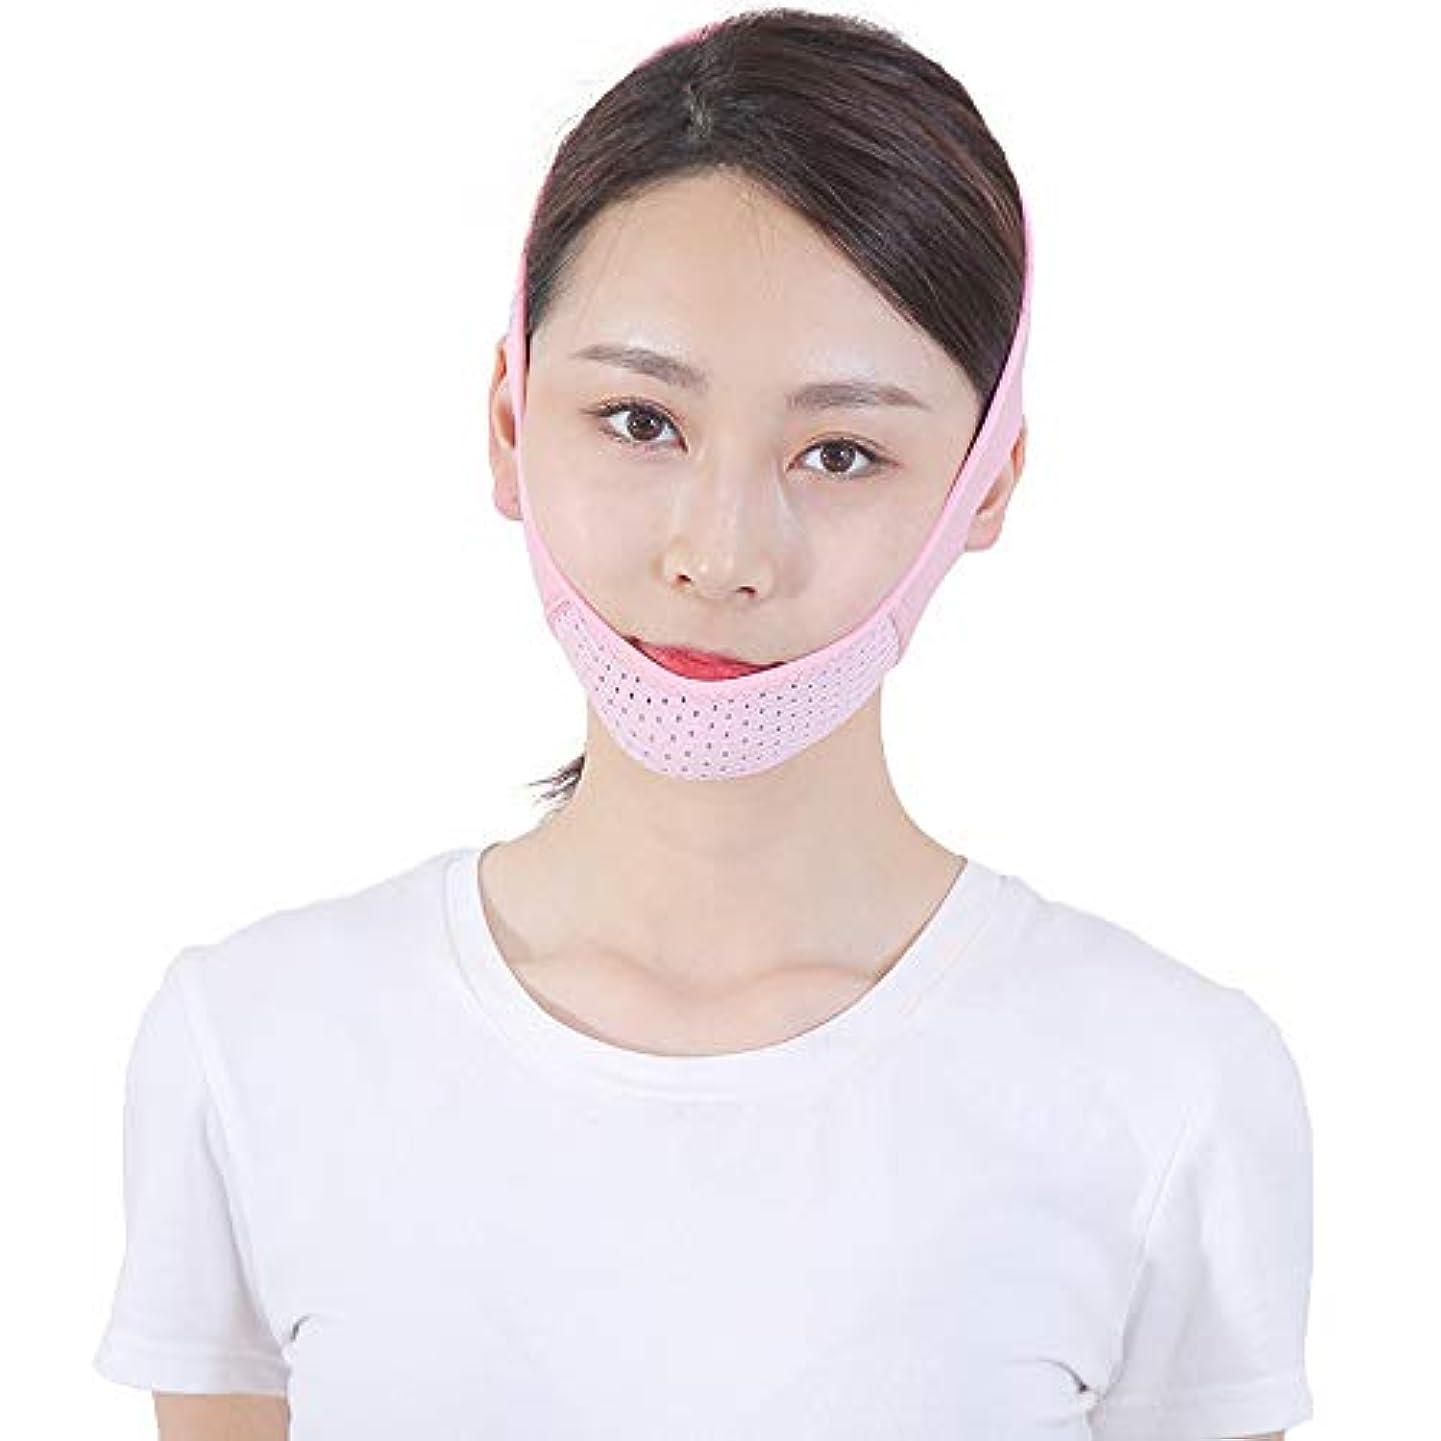 床精査快適フェイスリフトベルト 薄い顔のベルト - 薄い顔のベルト通気性のある顔の包帯ダブルチンの顔リフトの人工物Vのフェイスベルト薄い顔のマスク